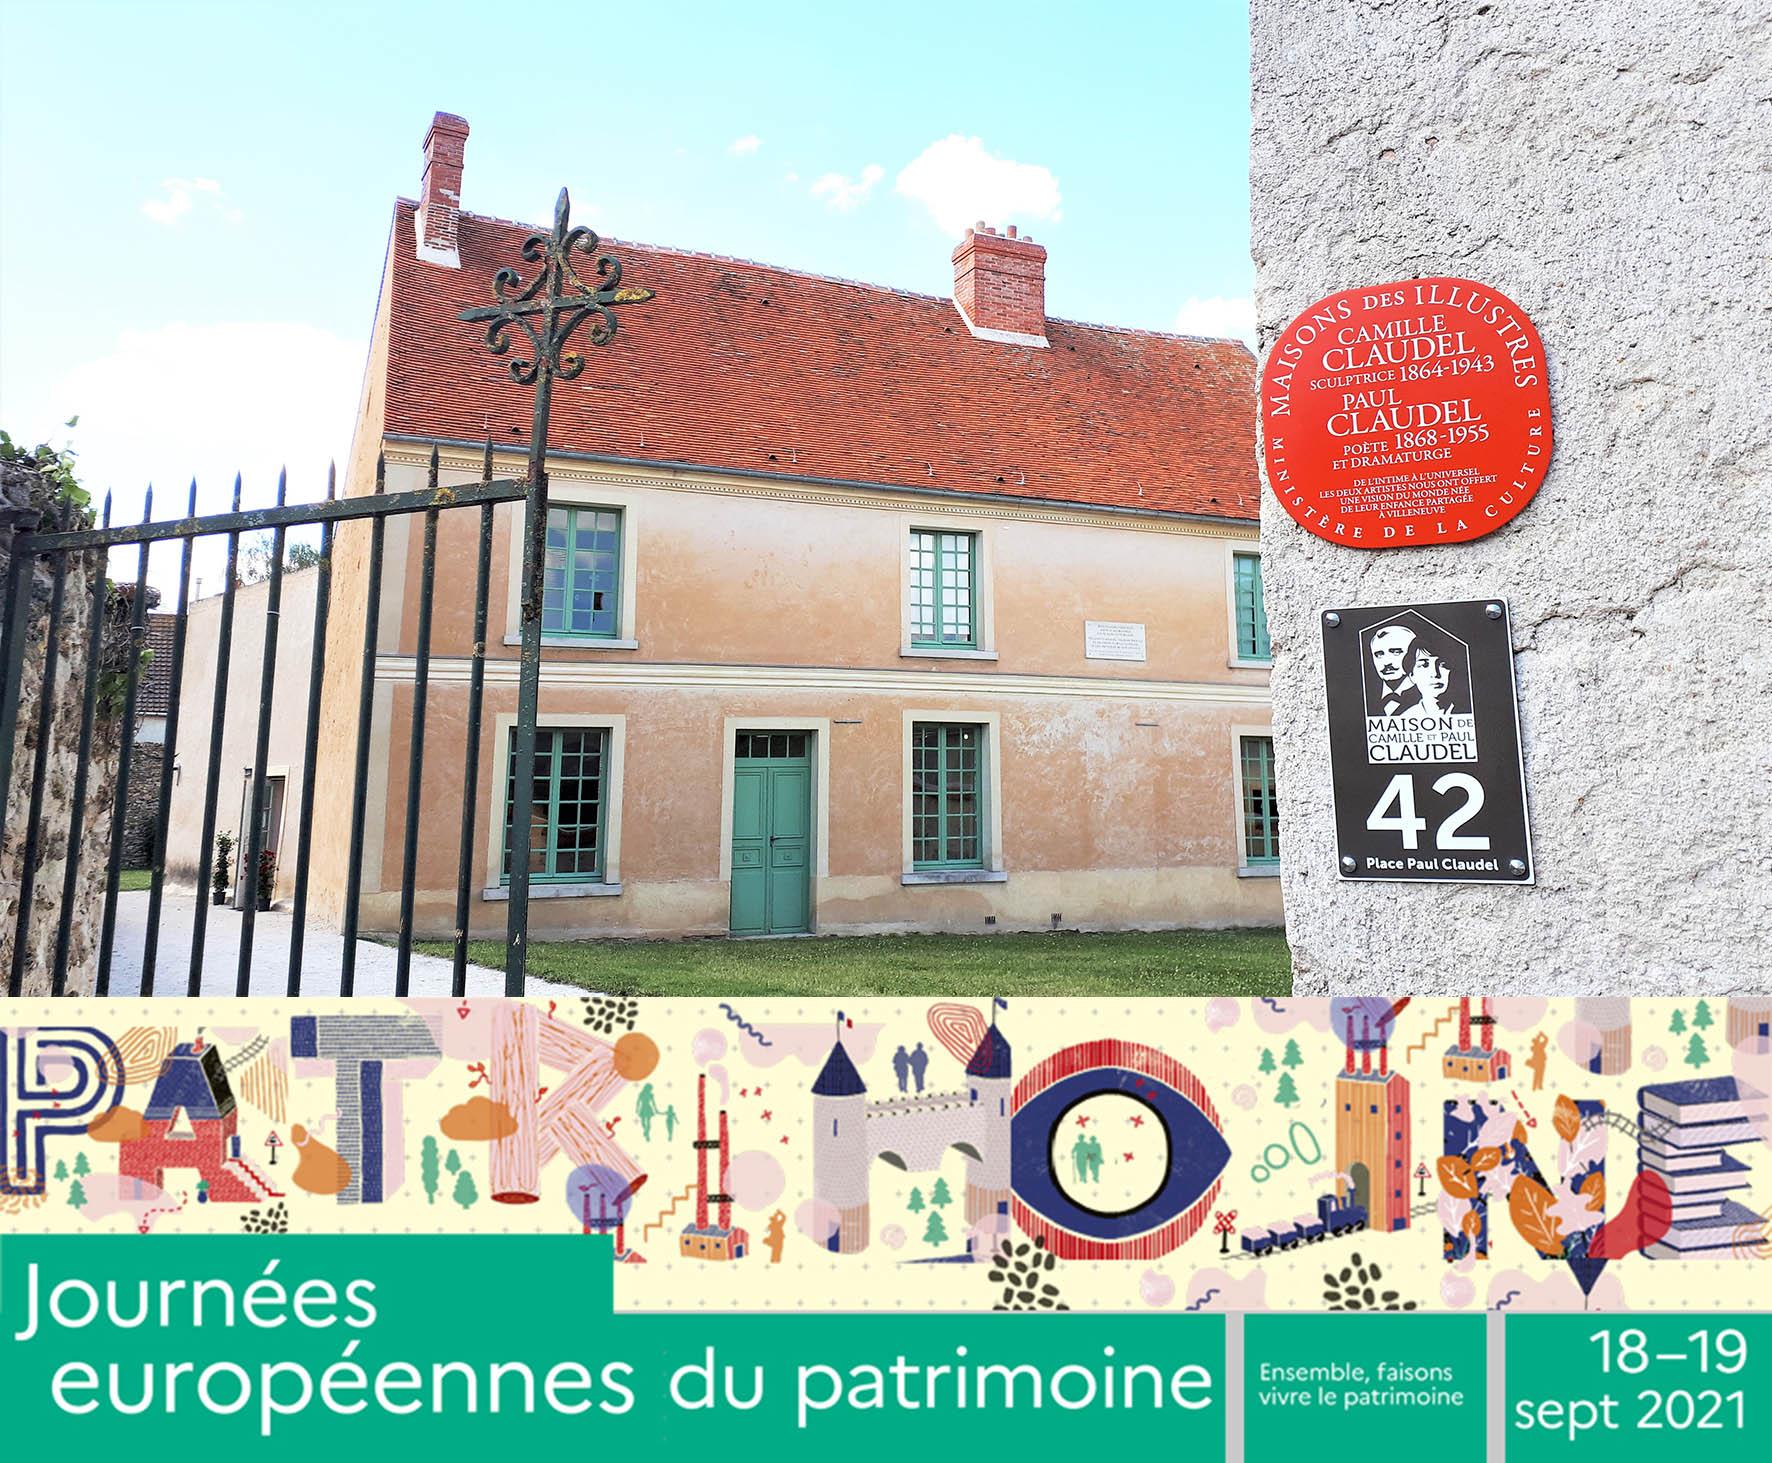 Maison Camille et Paul Claudel pour les Journées européennes du patrimoine